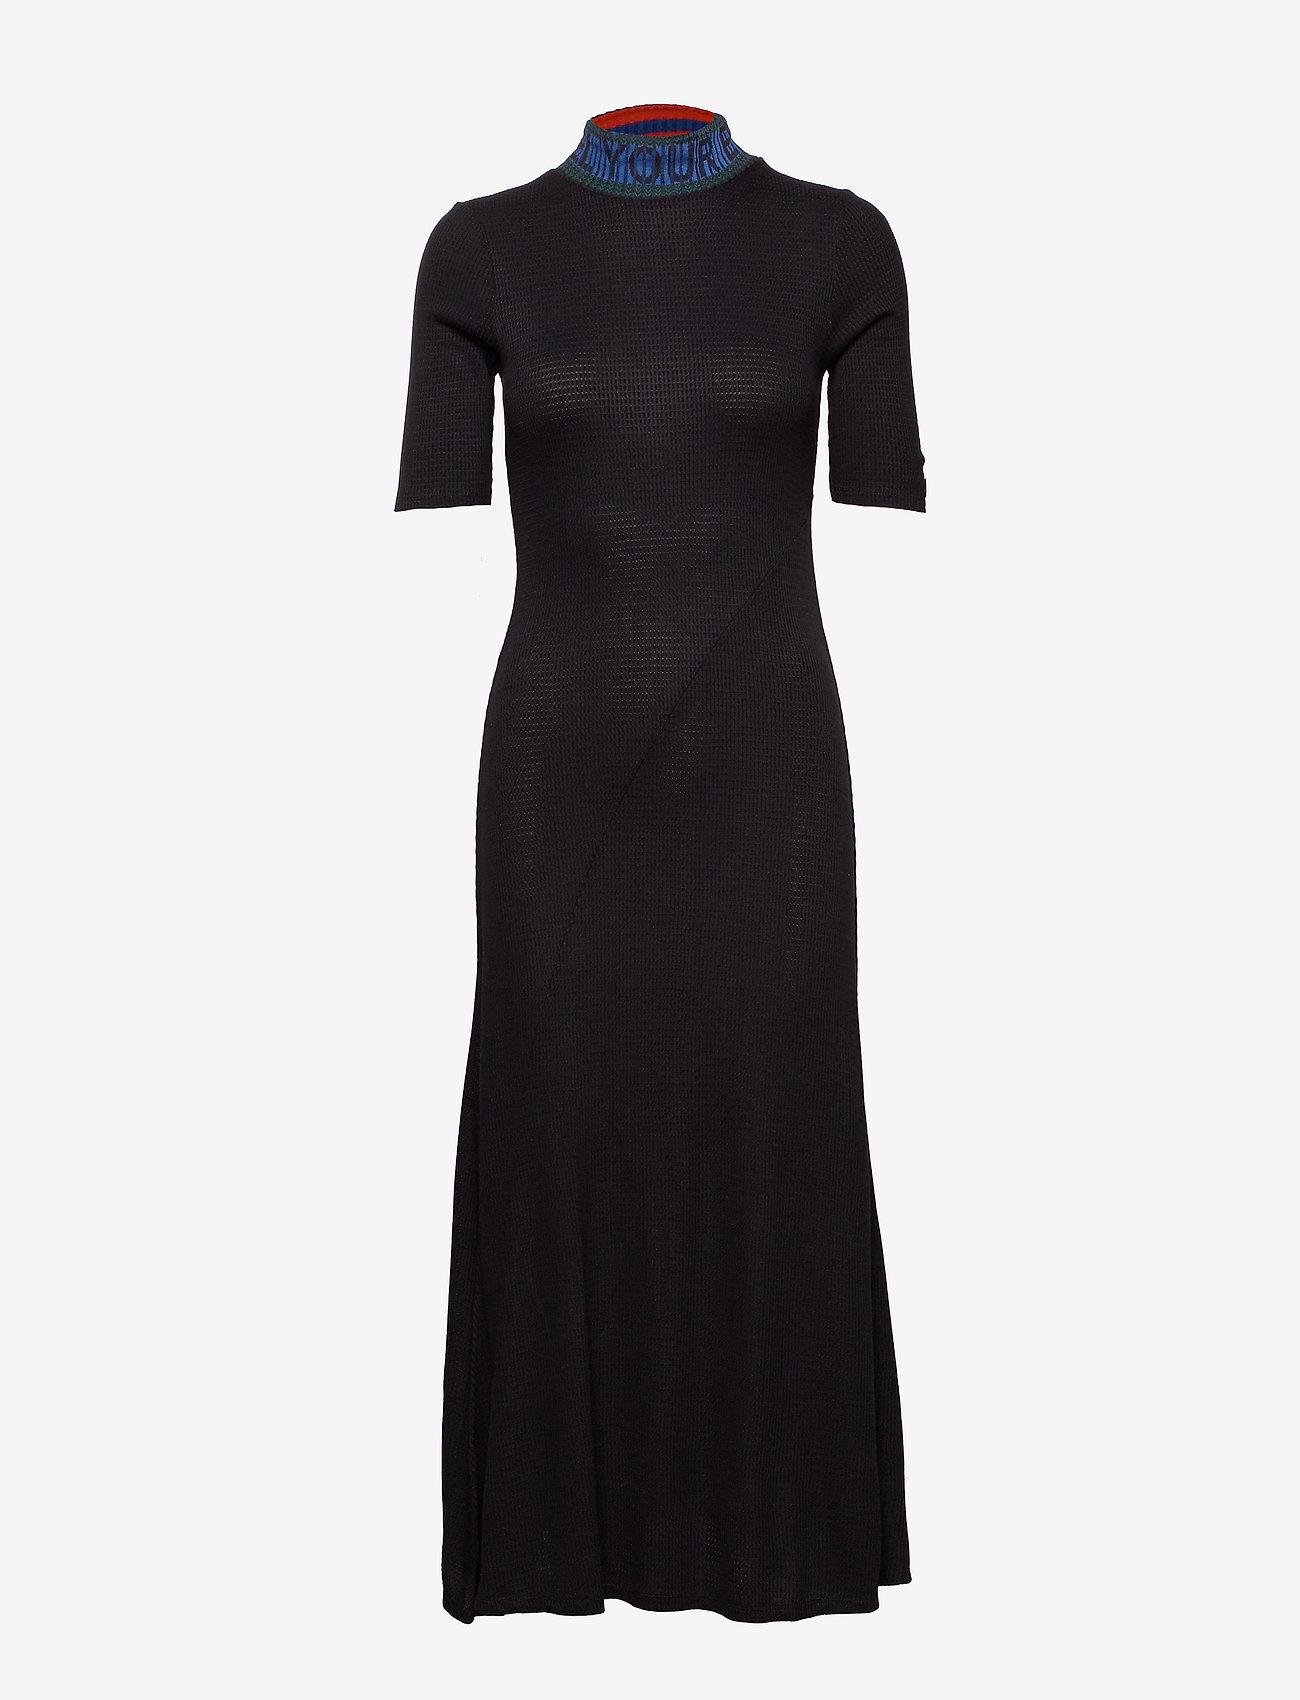 Desigual - VEST LAUREN - maxi jurken - negro - 0